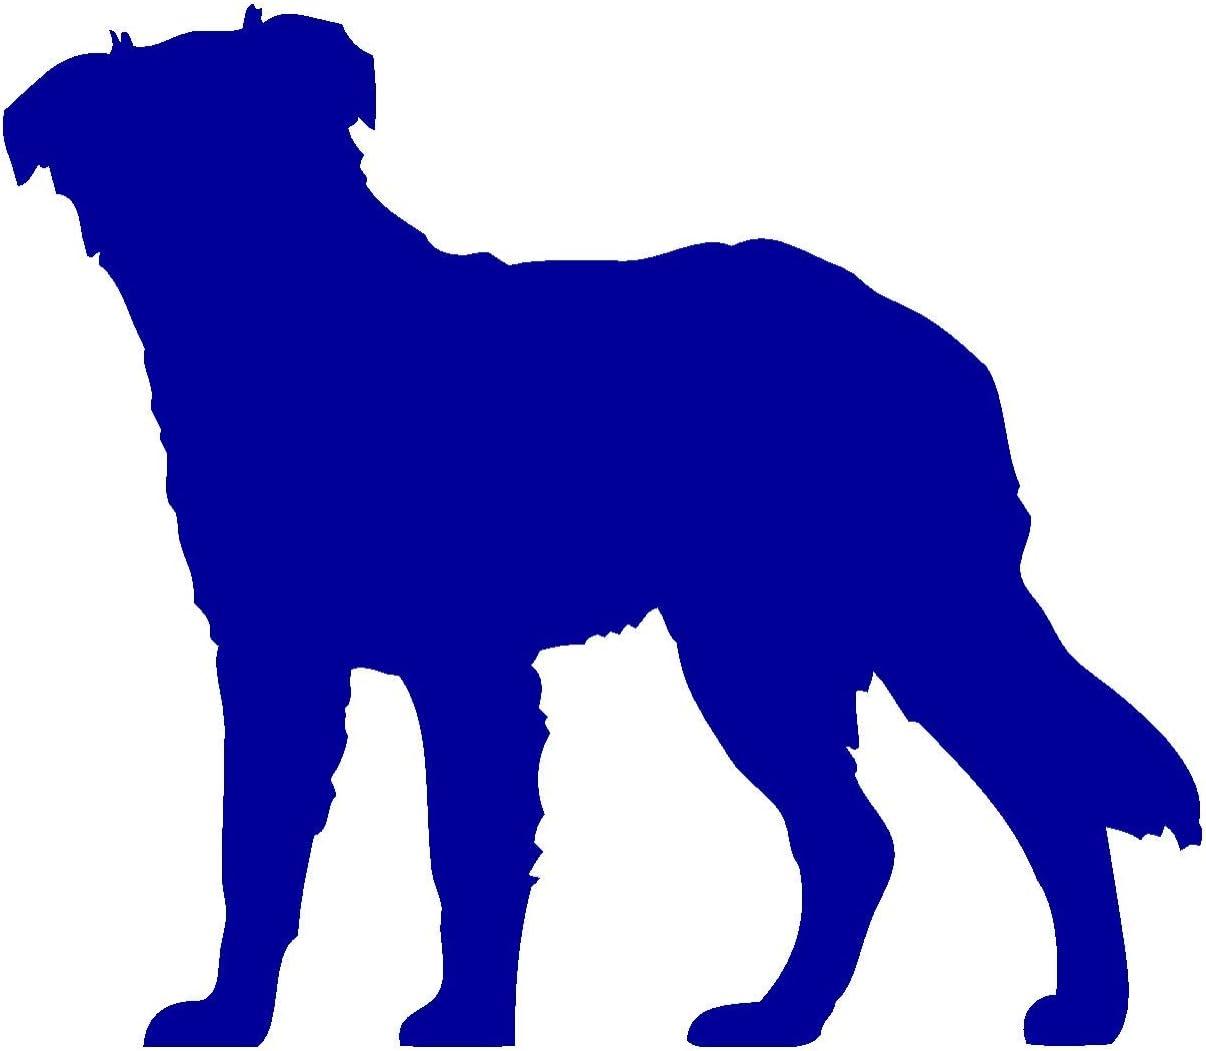 Samunshi Australian Shepherd Hunde Aufkleber Autoaufkleber Sticker In 6 Größen Und 25 Farben 30x26cm Brillantblau Küche Haushalt